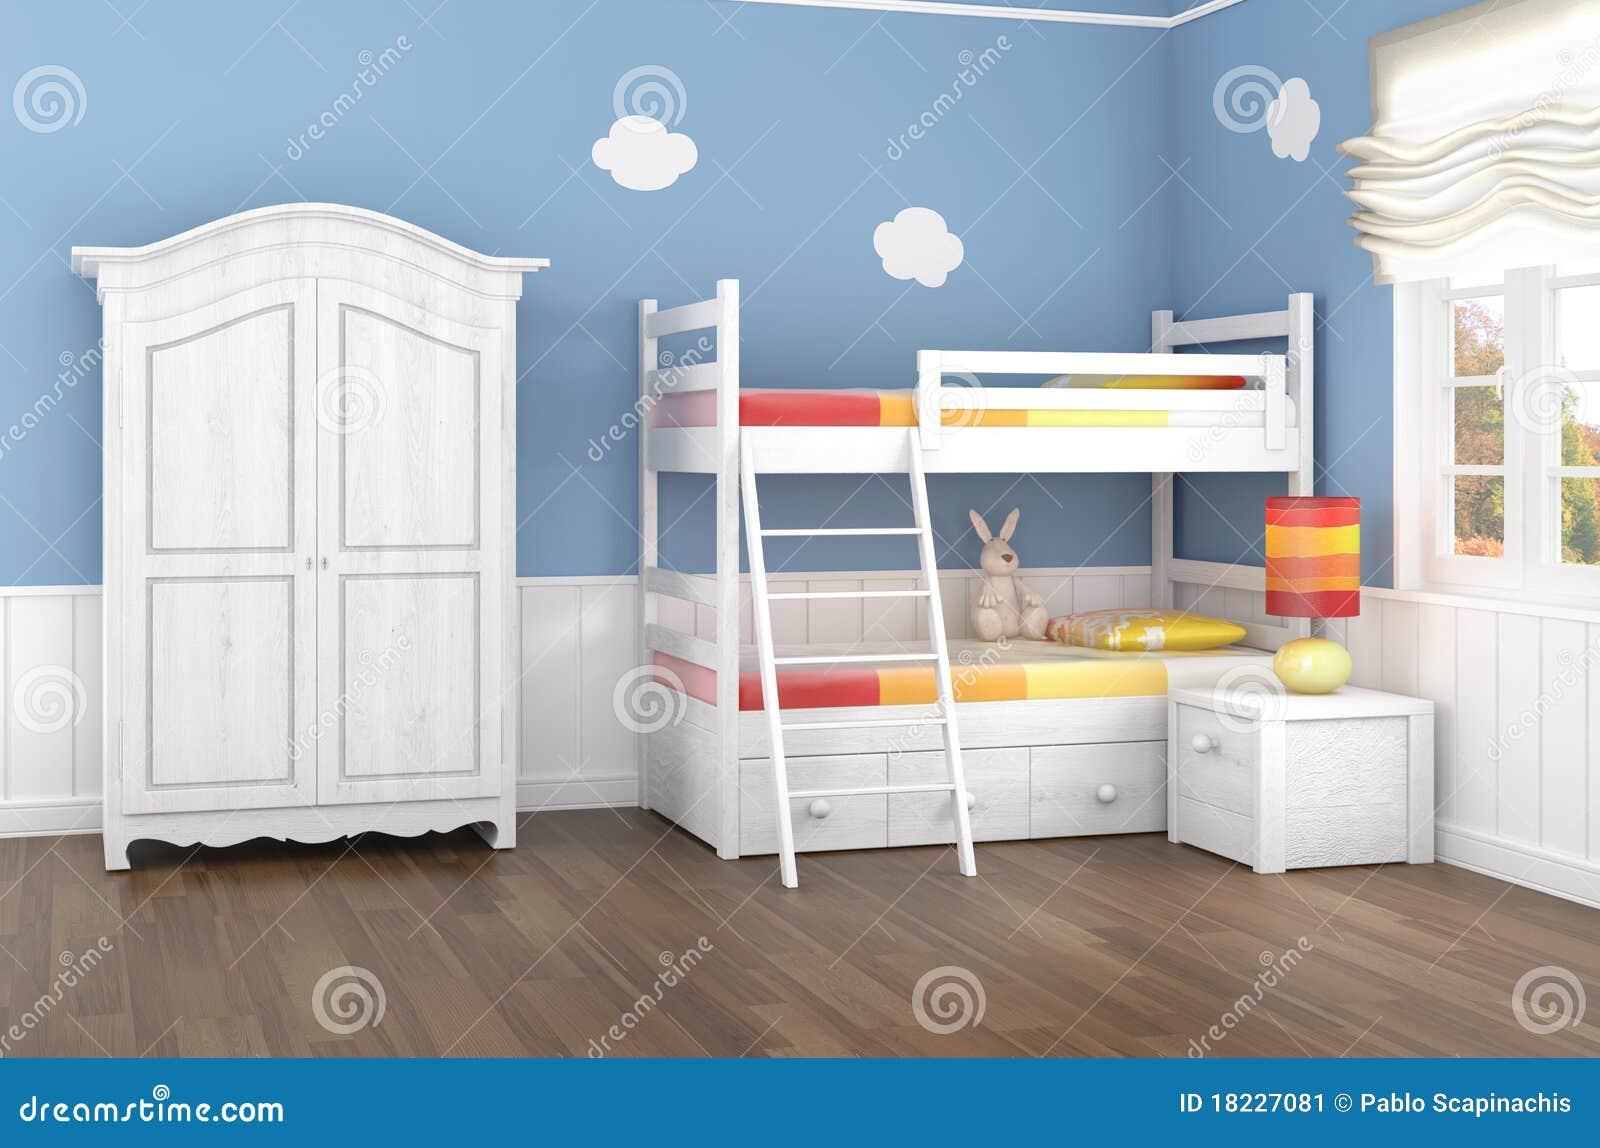 Schlafzimmer Der Blauen Kinder Stock Abbildung - Illustration von ...